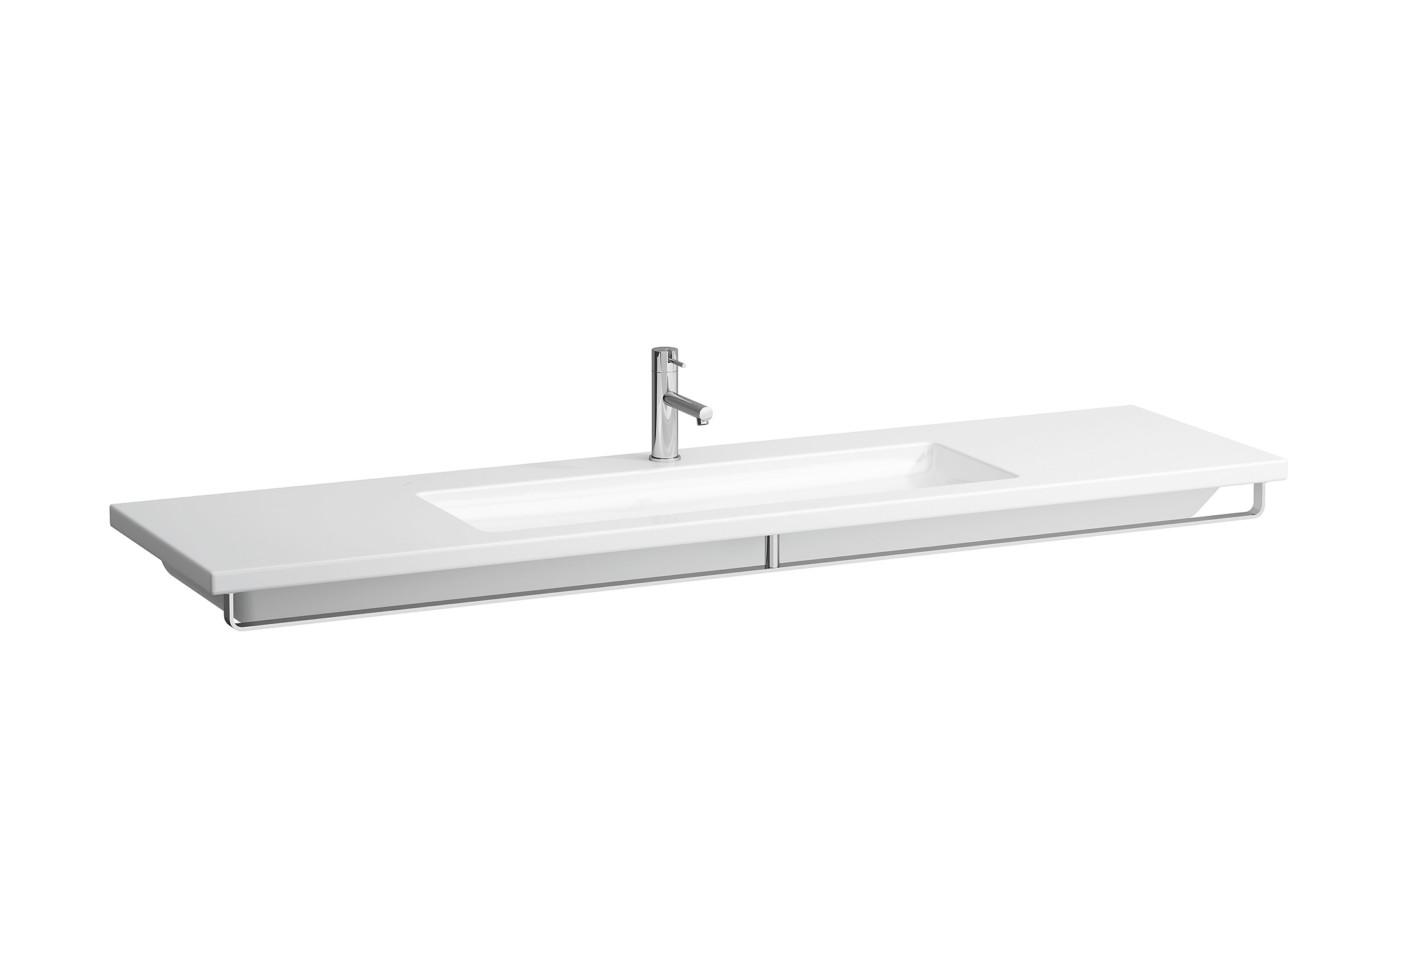 living square waschtisch mit handtuchhalter von laufen stylepark. Black Bedroom Furniture Sets. Home Design Ideas